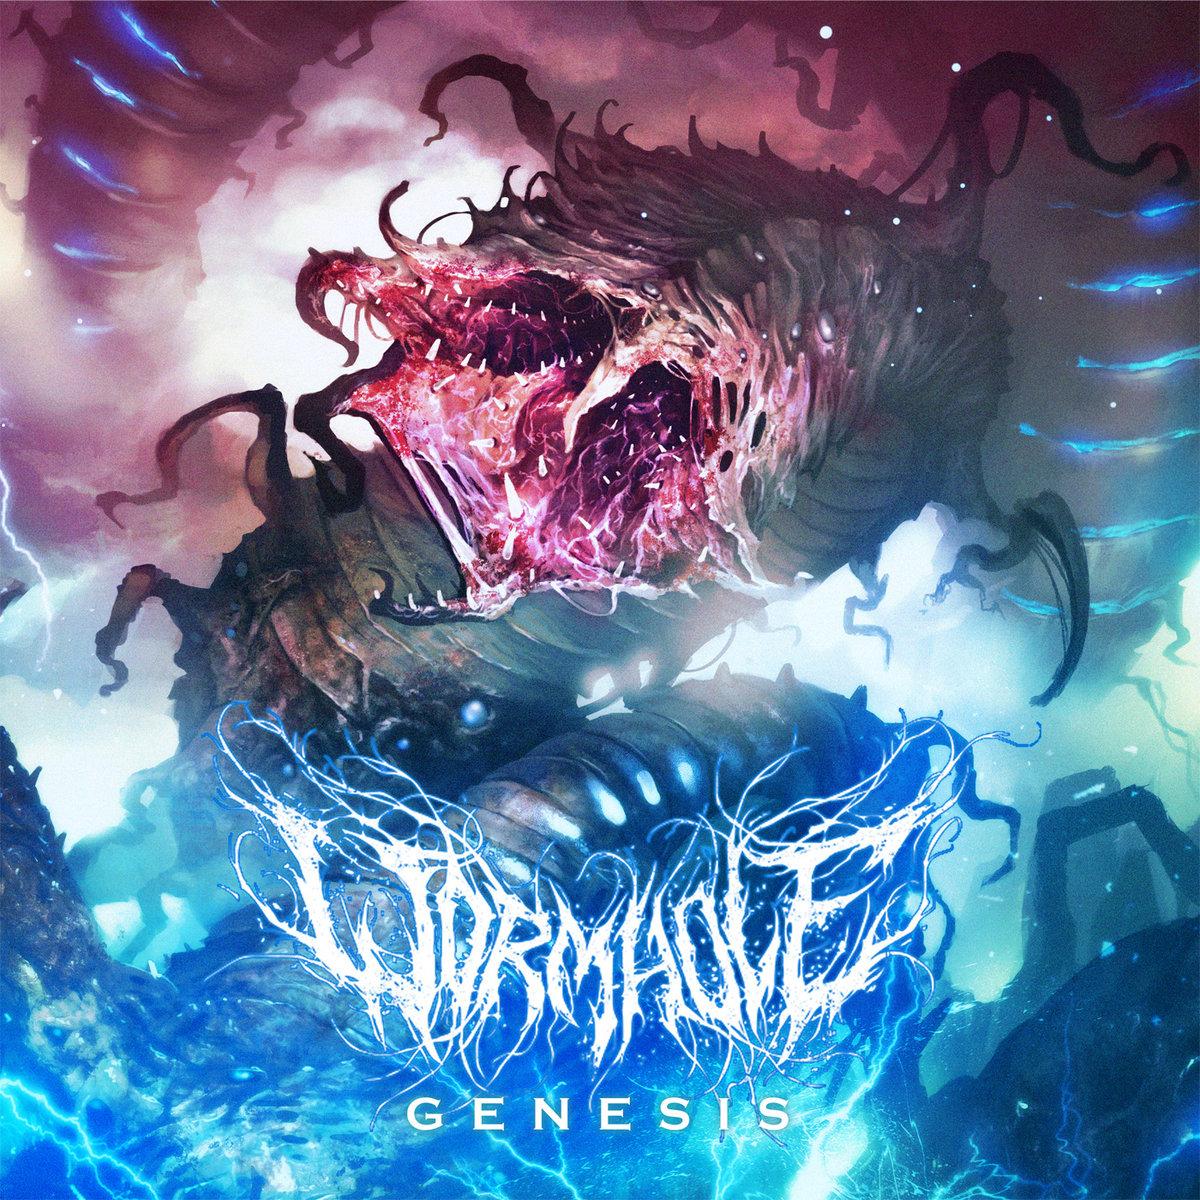 Wormhole - Genesis (Maryland, USA)